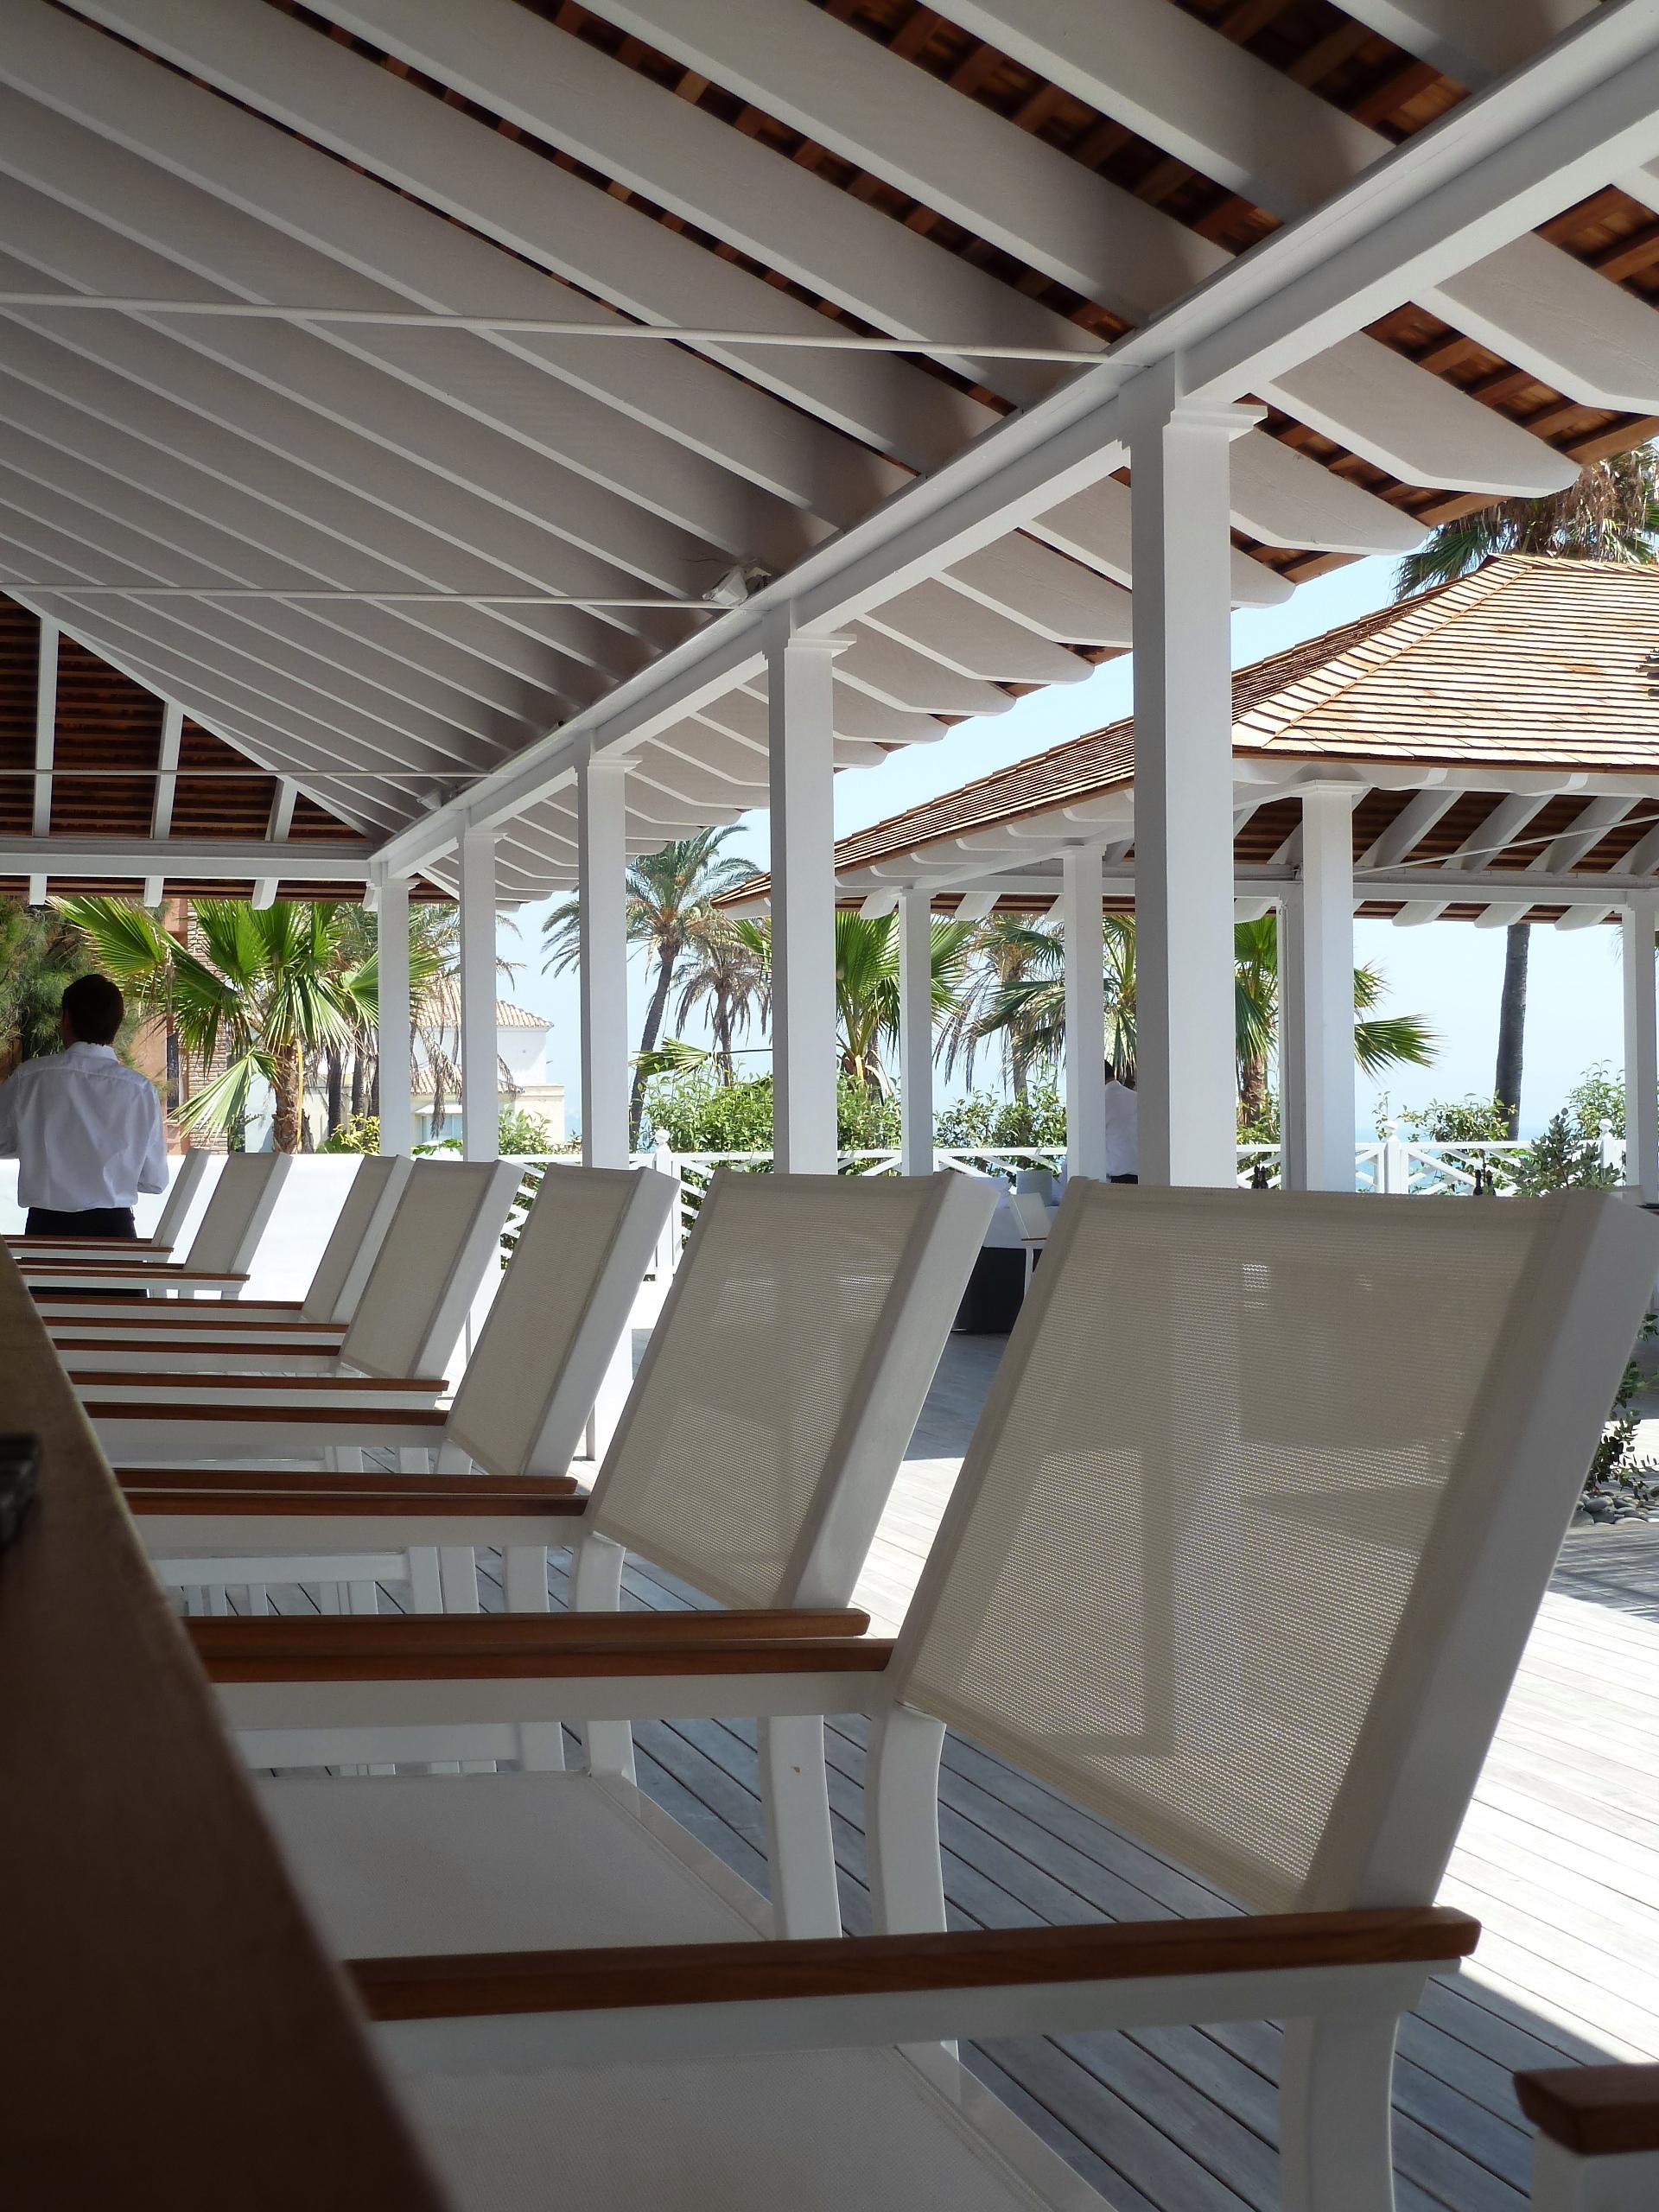 Bar_Beach_Club_Finca_Cortesin_Bahia_Casares_copyright_www.andrewforbes.com